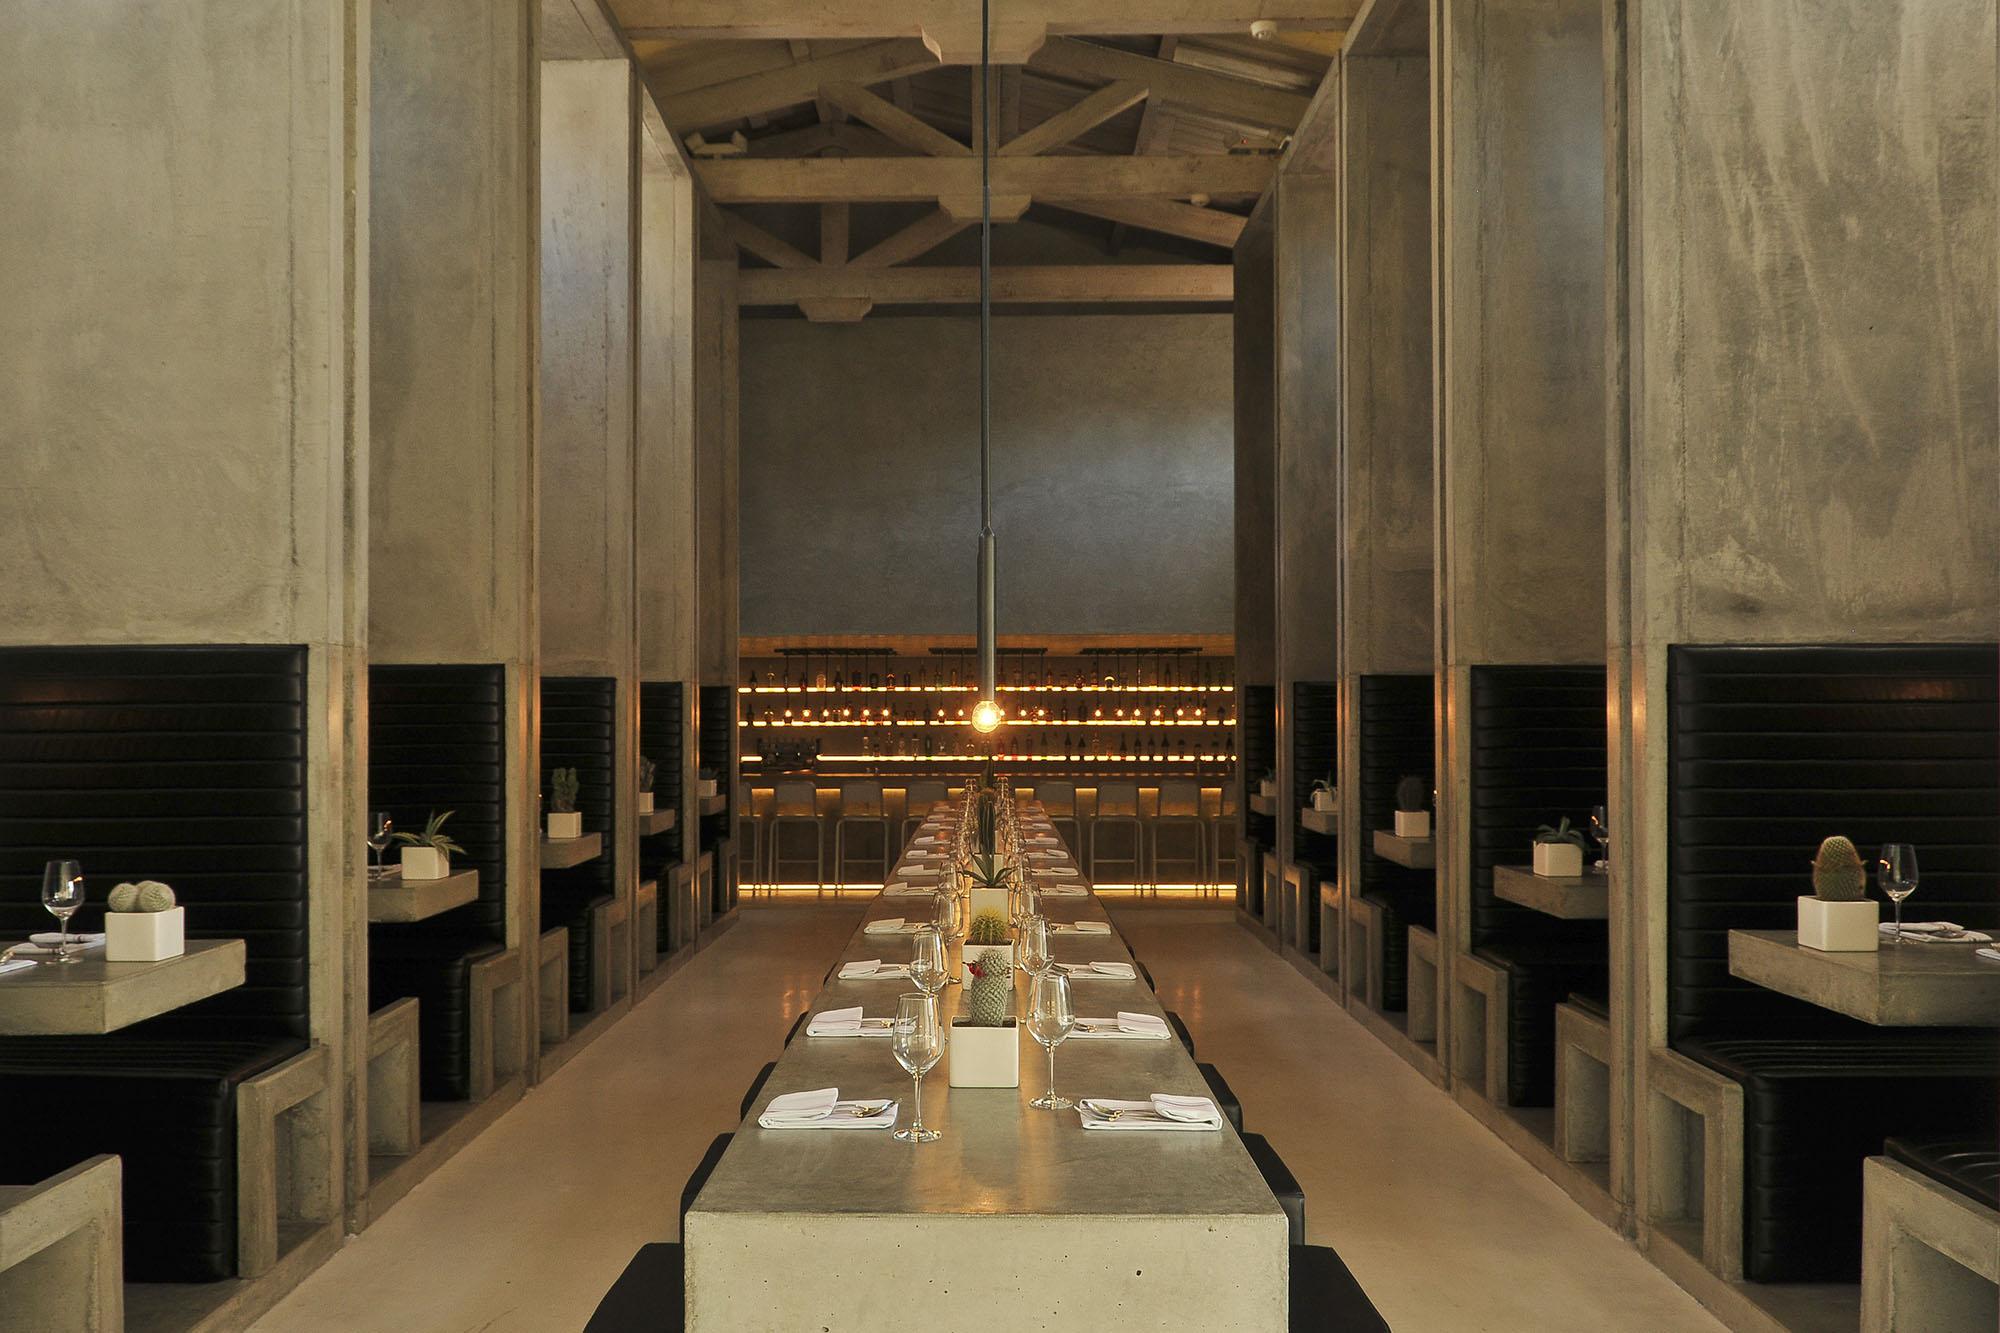 Enjoy stunning minimalist design at Workshop.